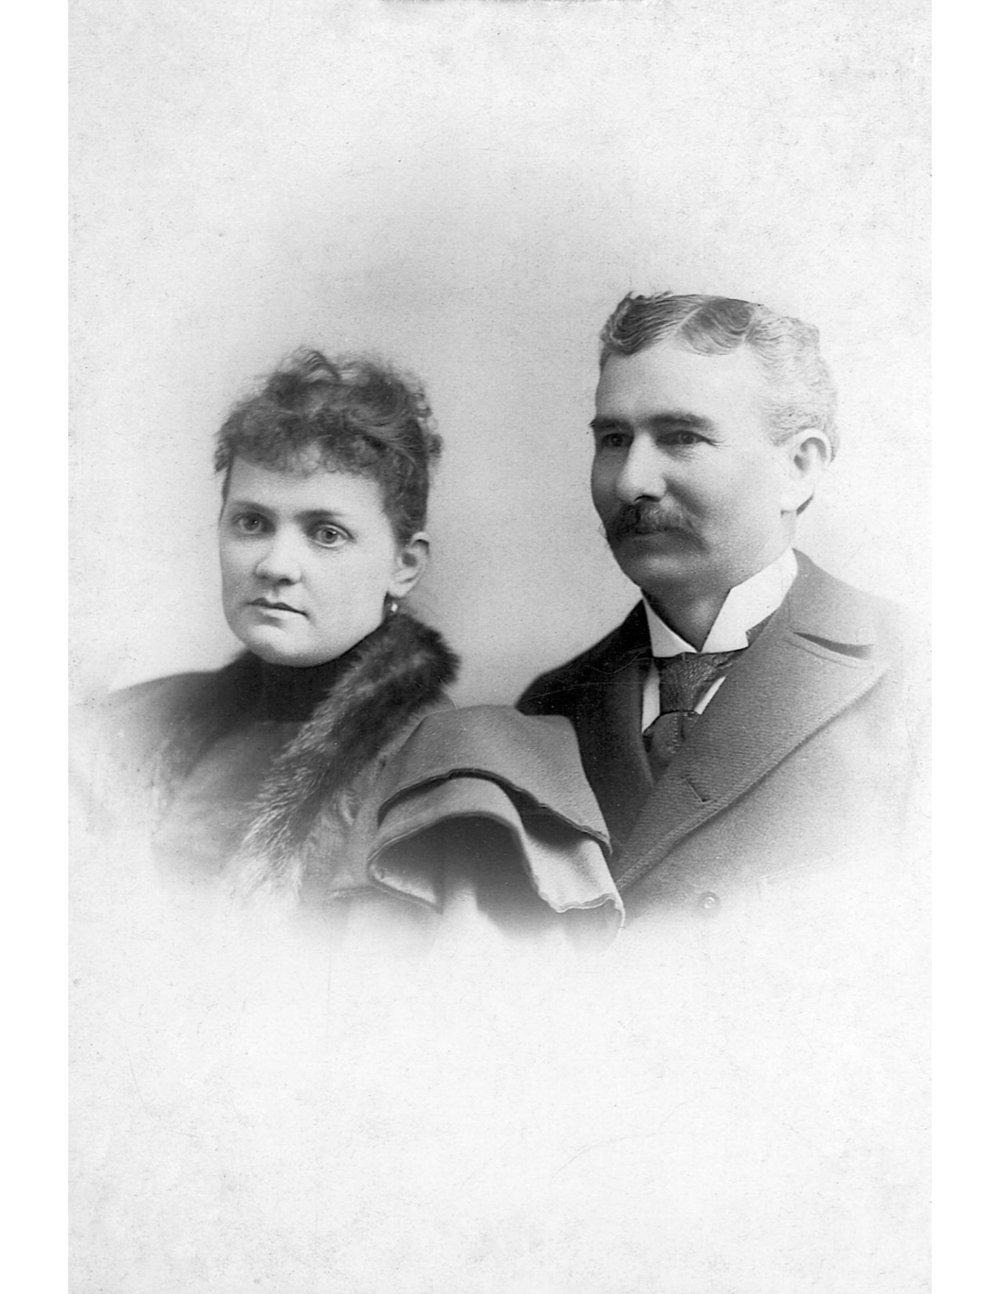 Cornelia Alice Norris and Matthew Tyson Norris